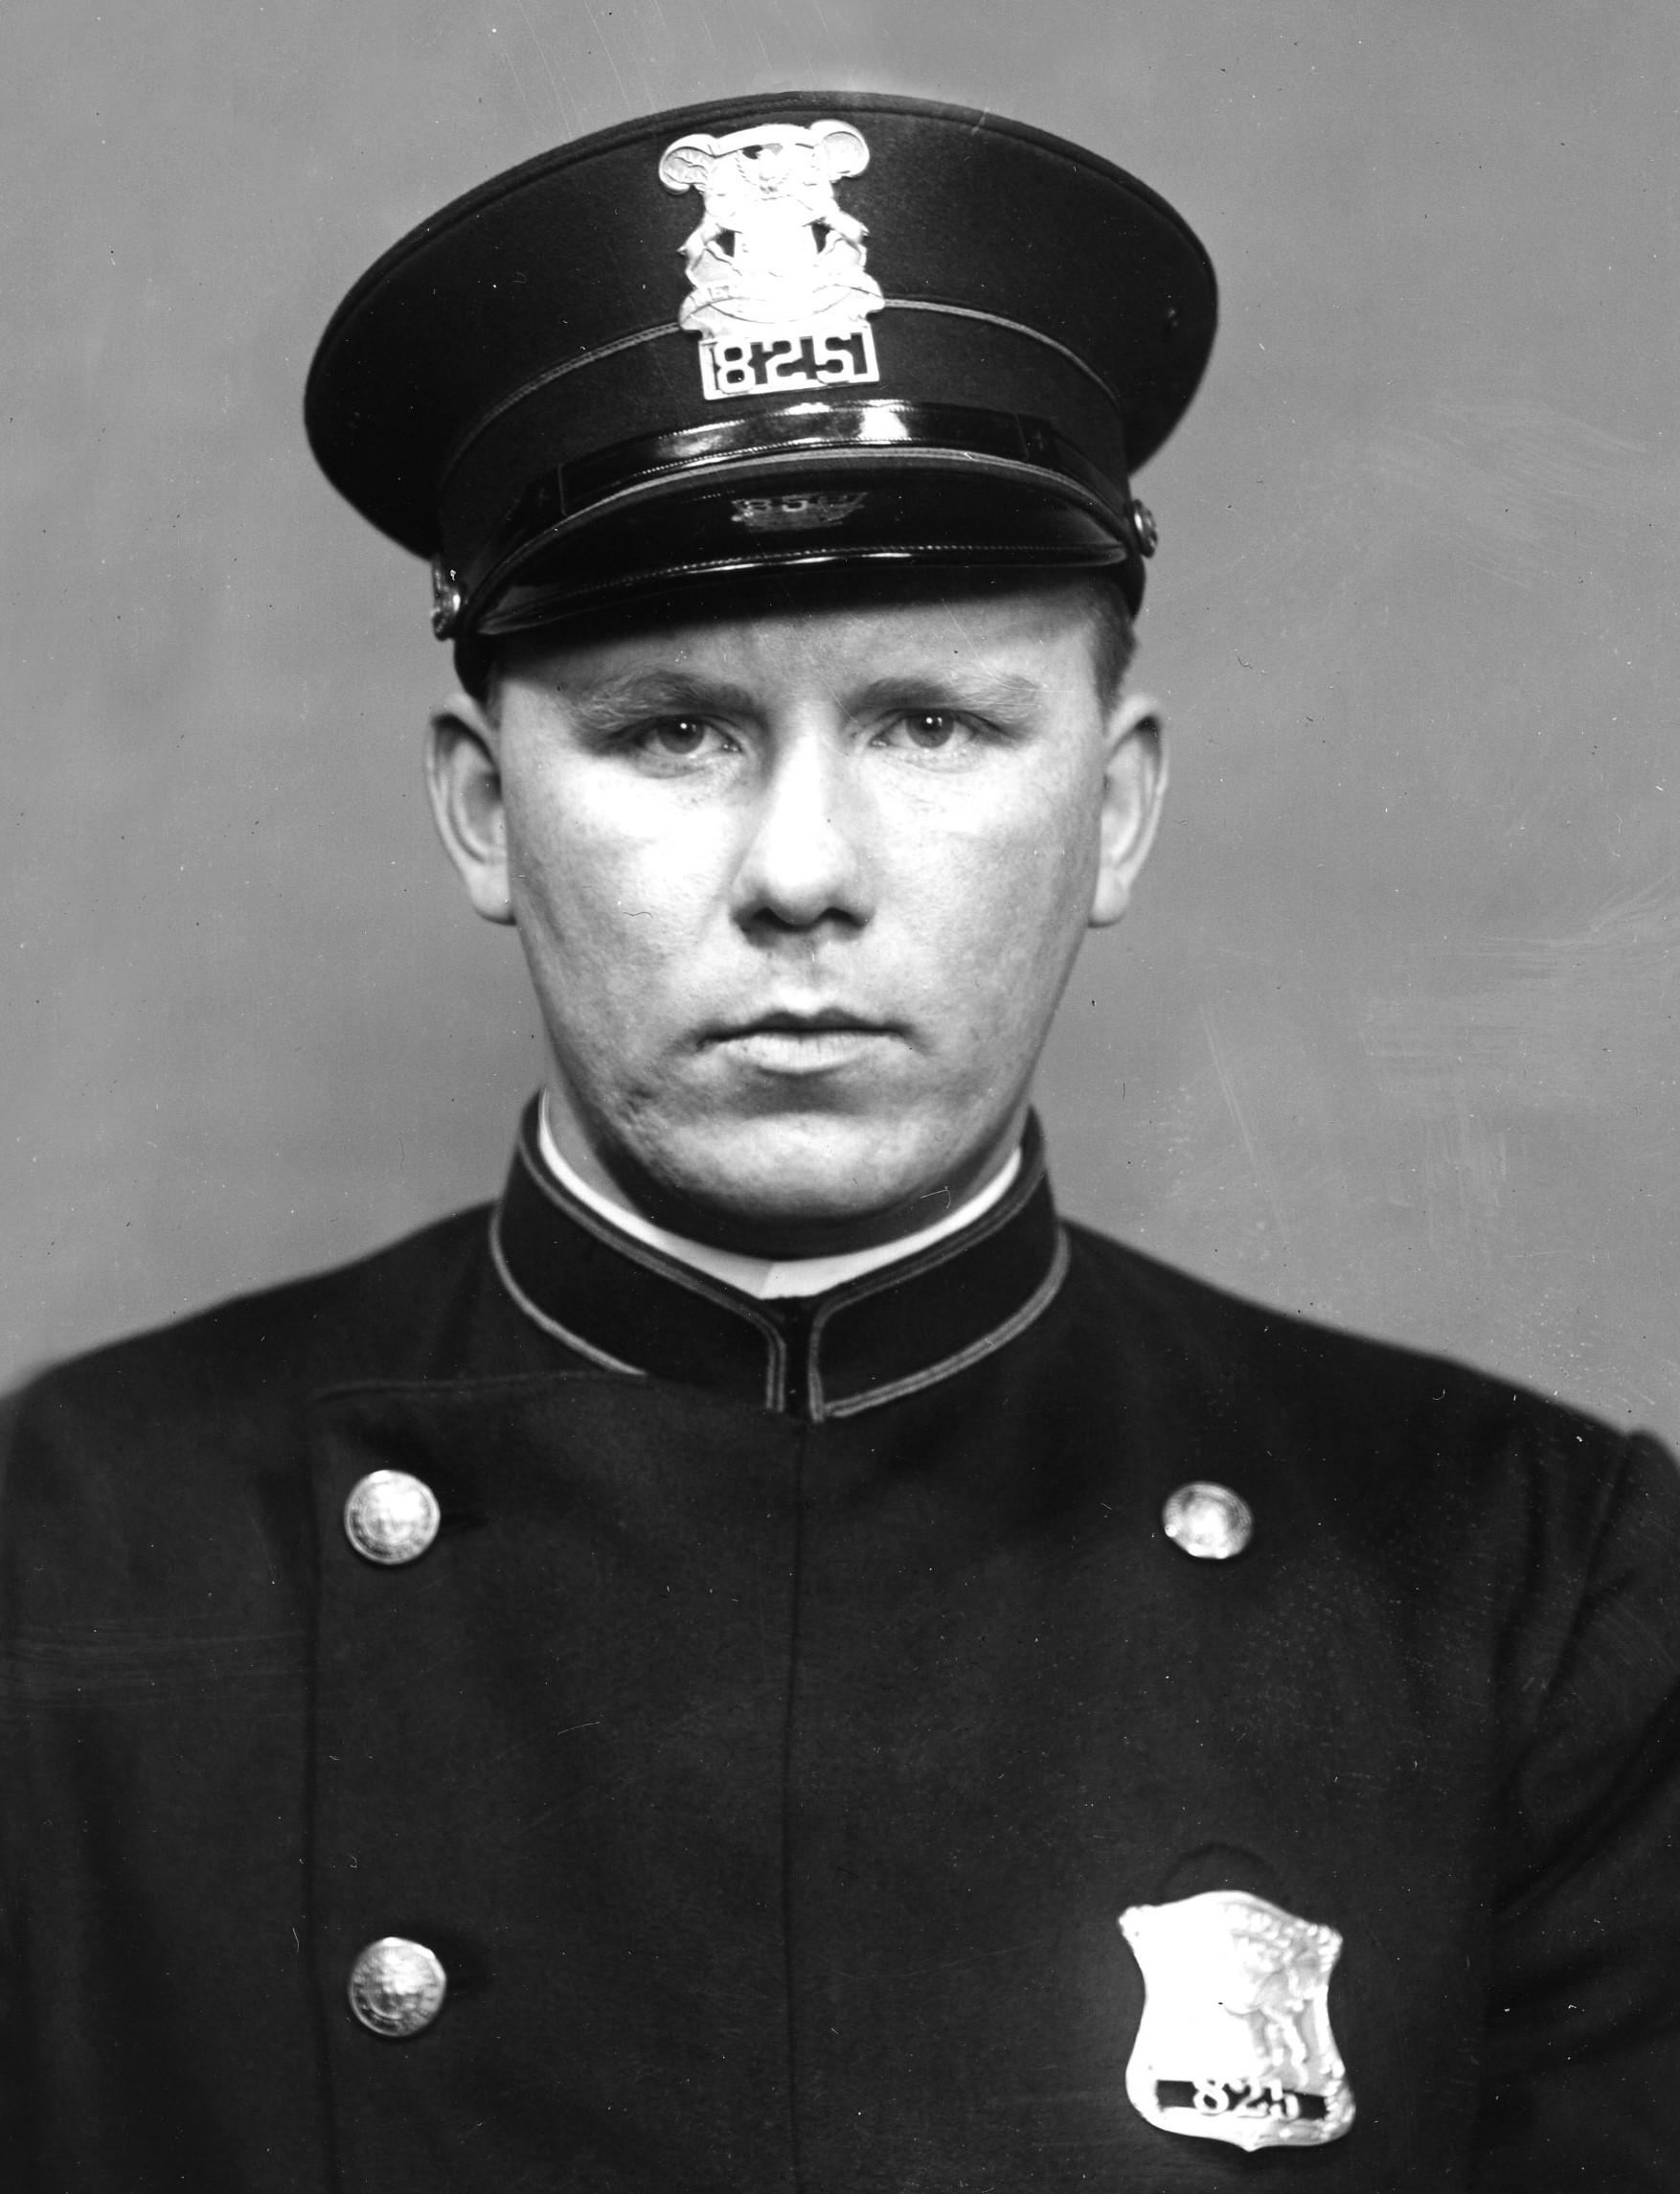 Detective Sergeant Charles Daniel McKenna | Detroit Police Department, Michigan